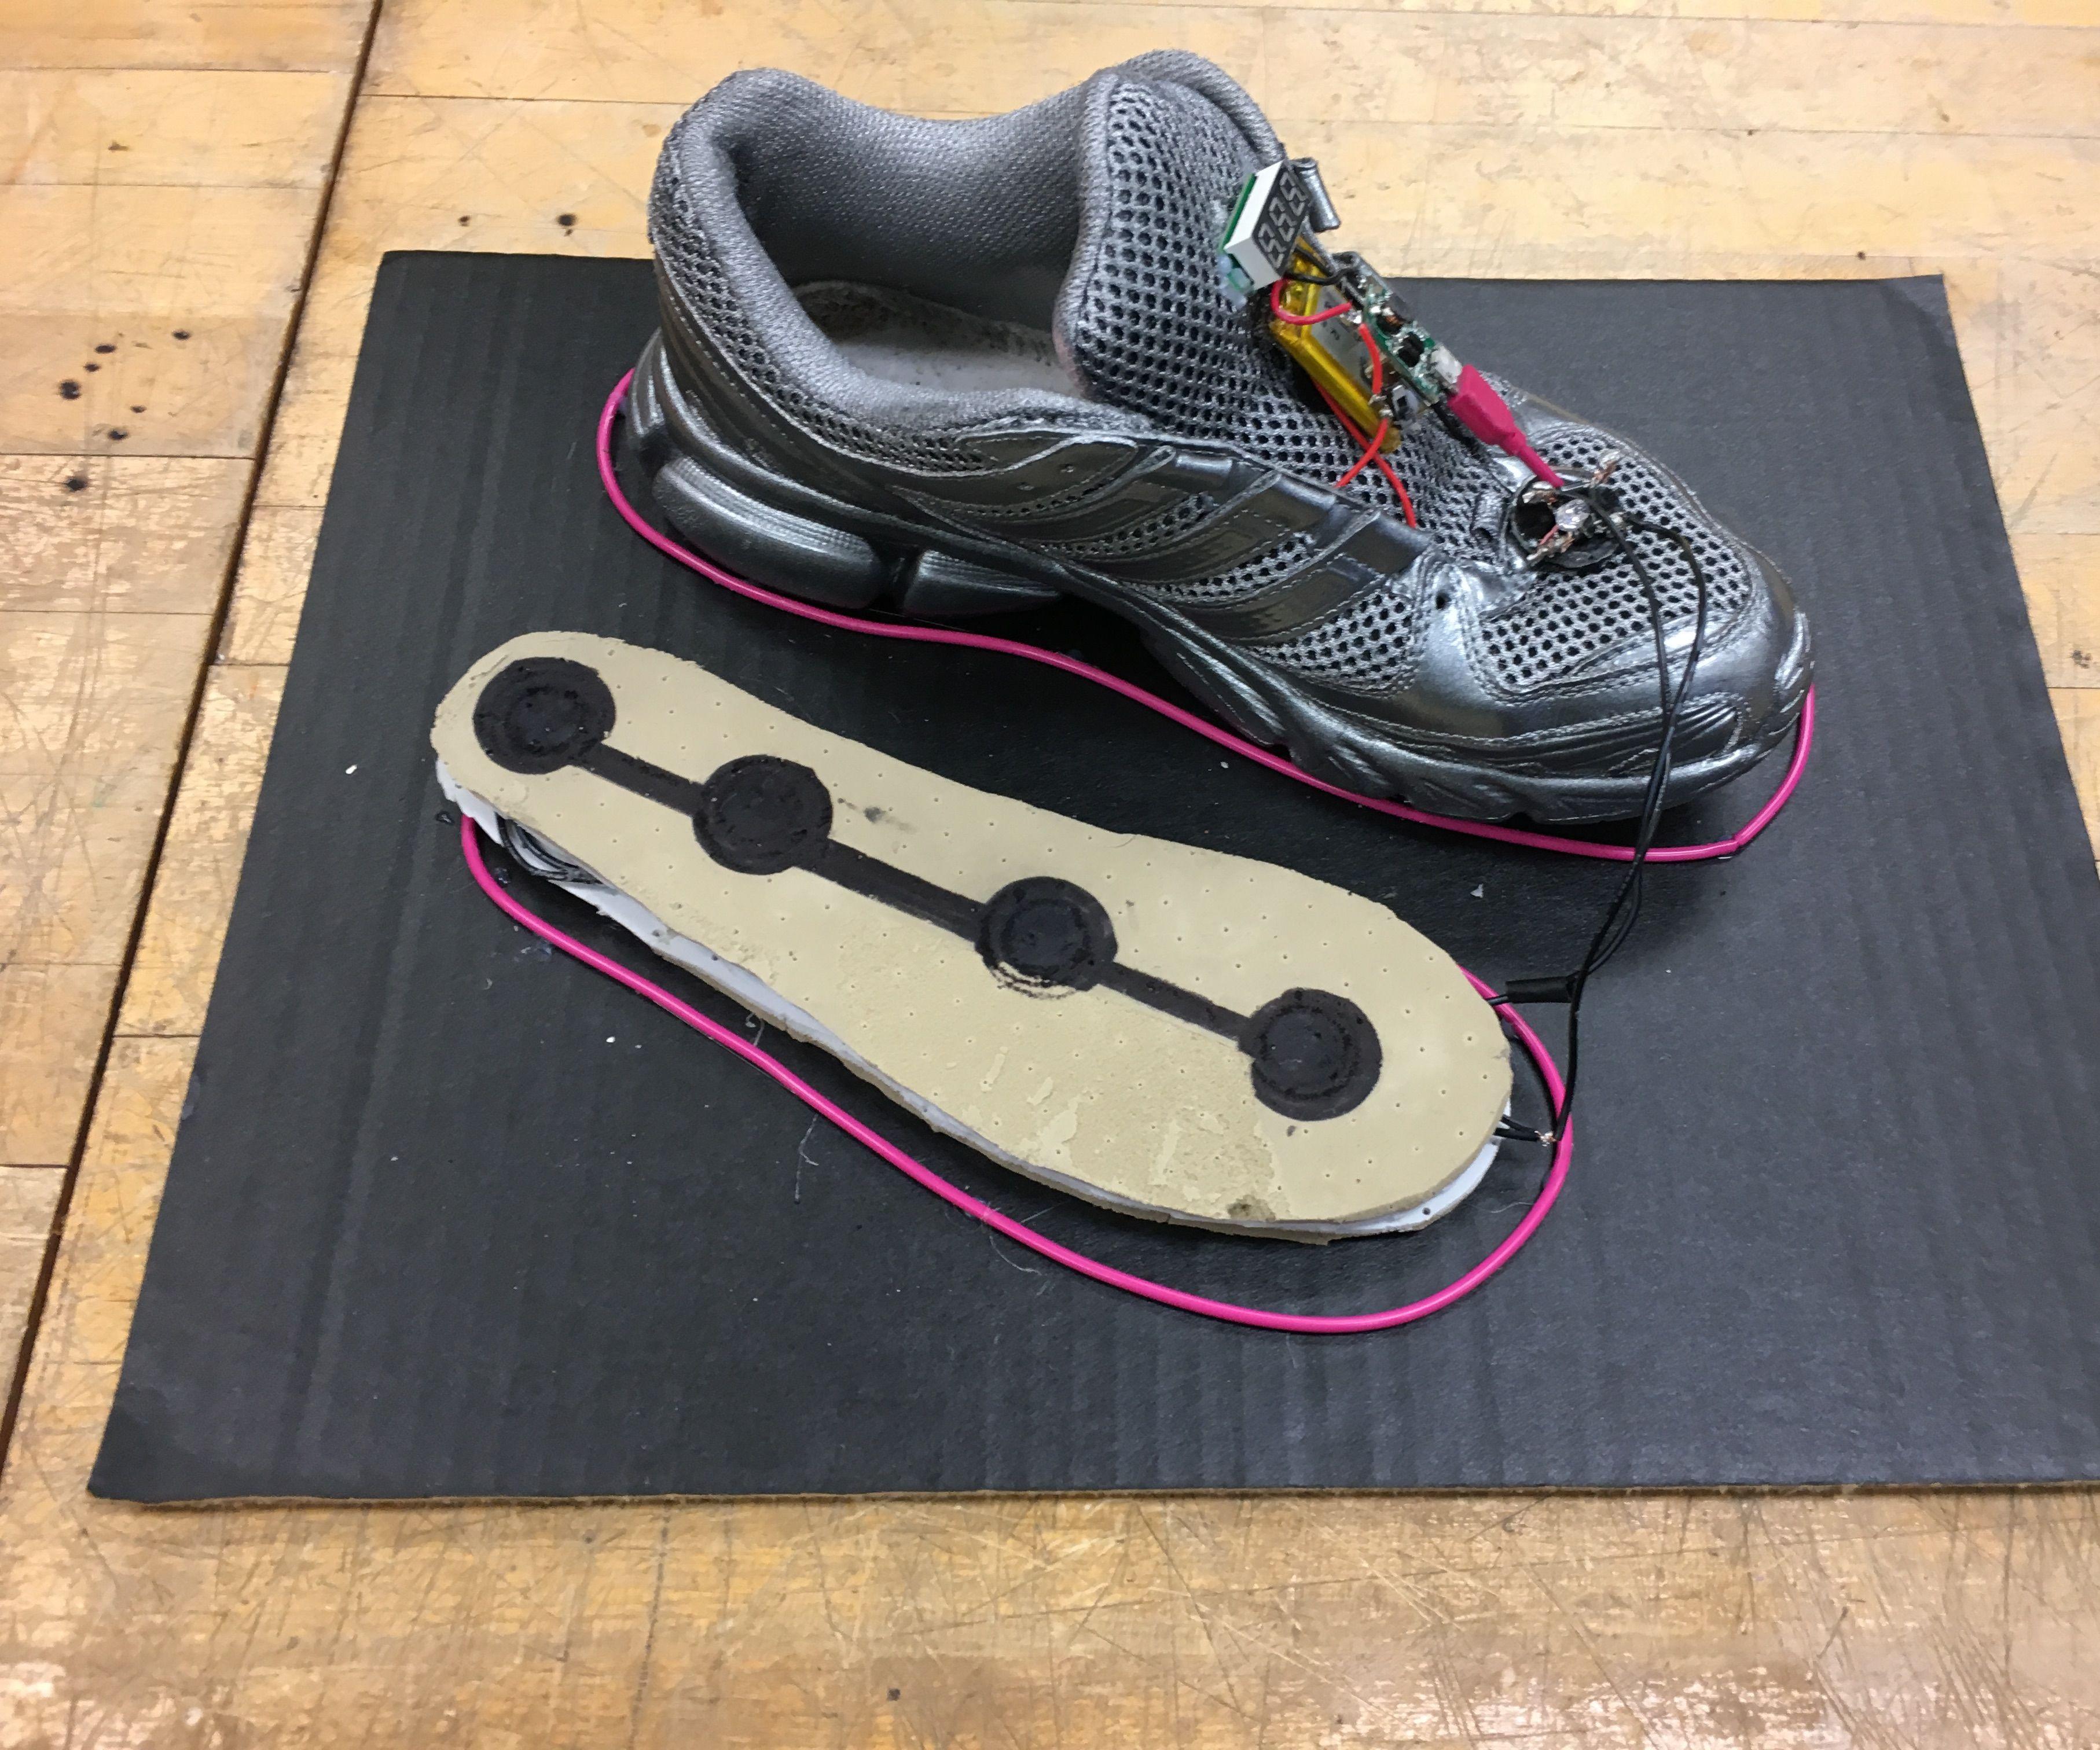 Mobile Charging Platform in Footwear